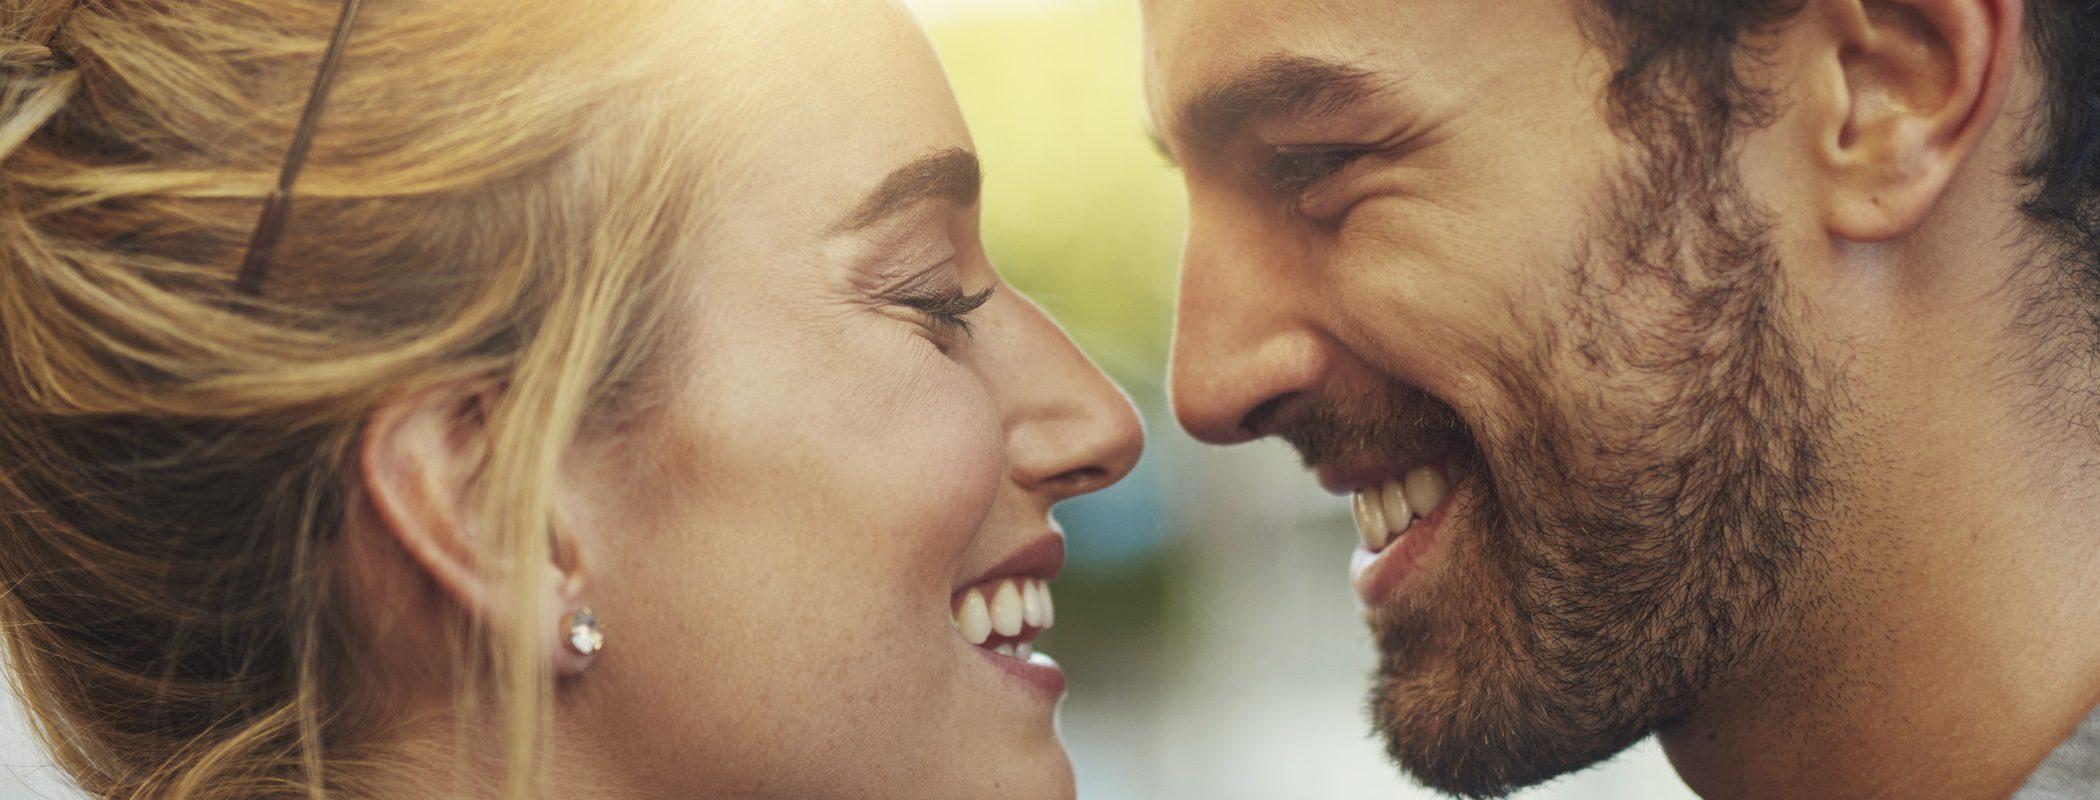 15 frases con las que recuperar el amor de tu pareja tras una discusión